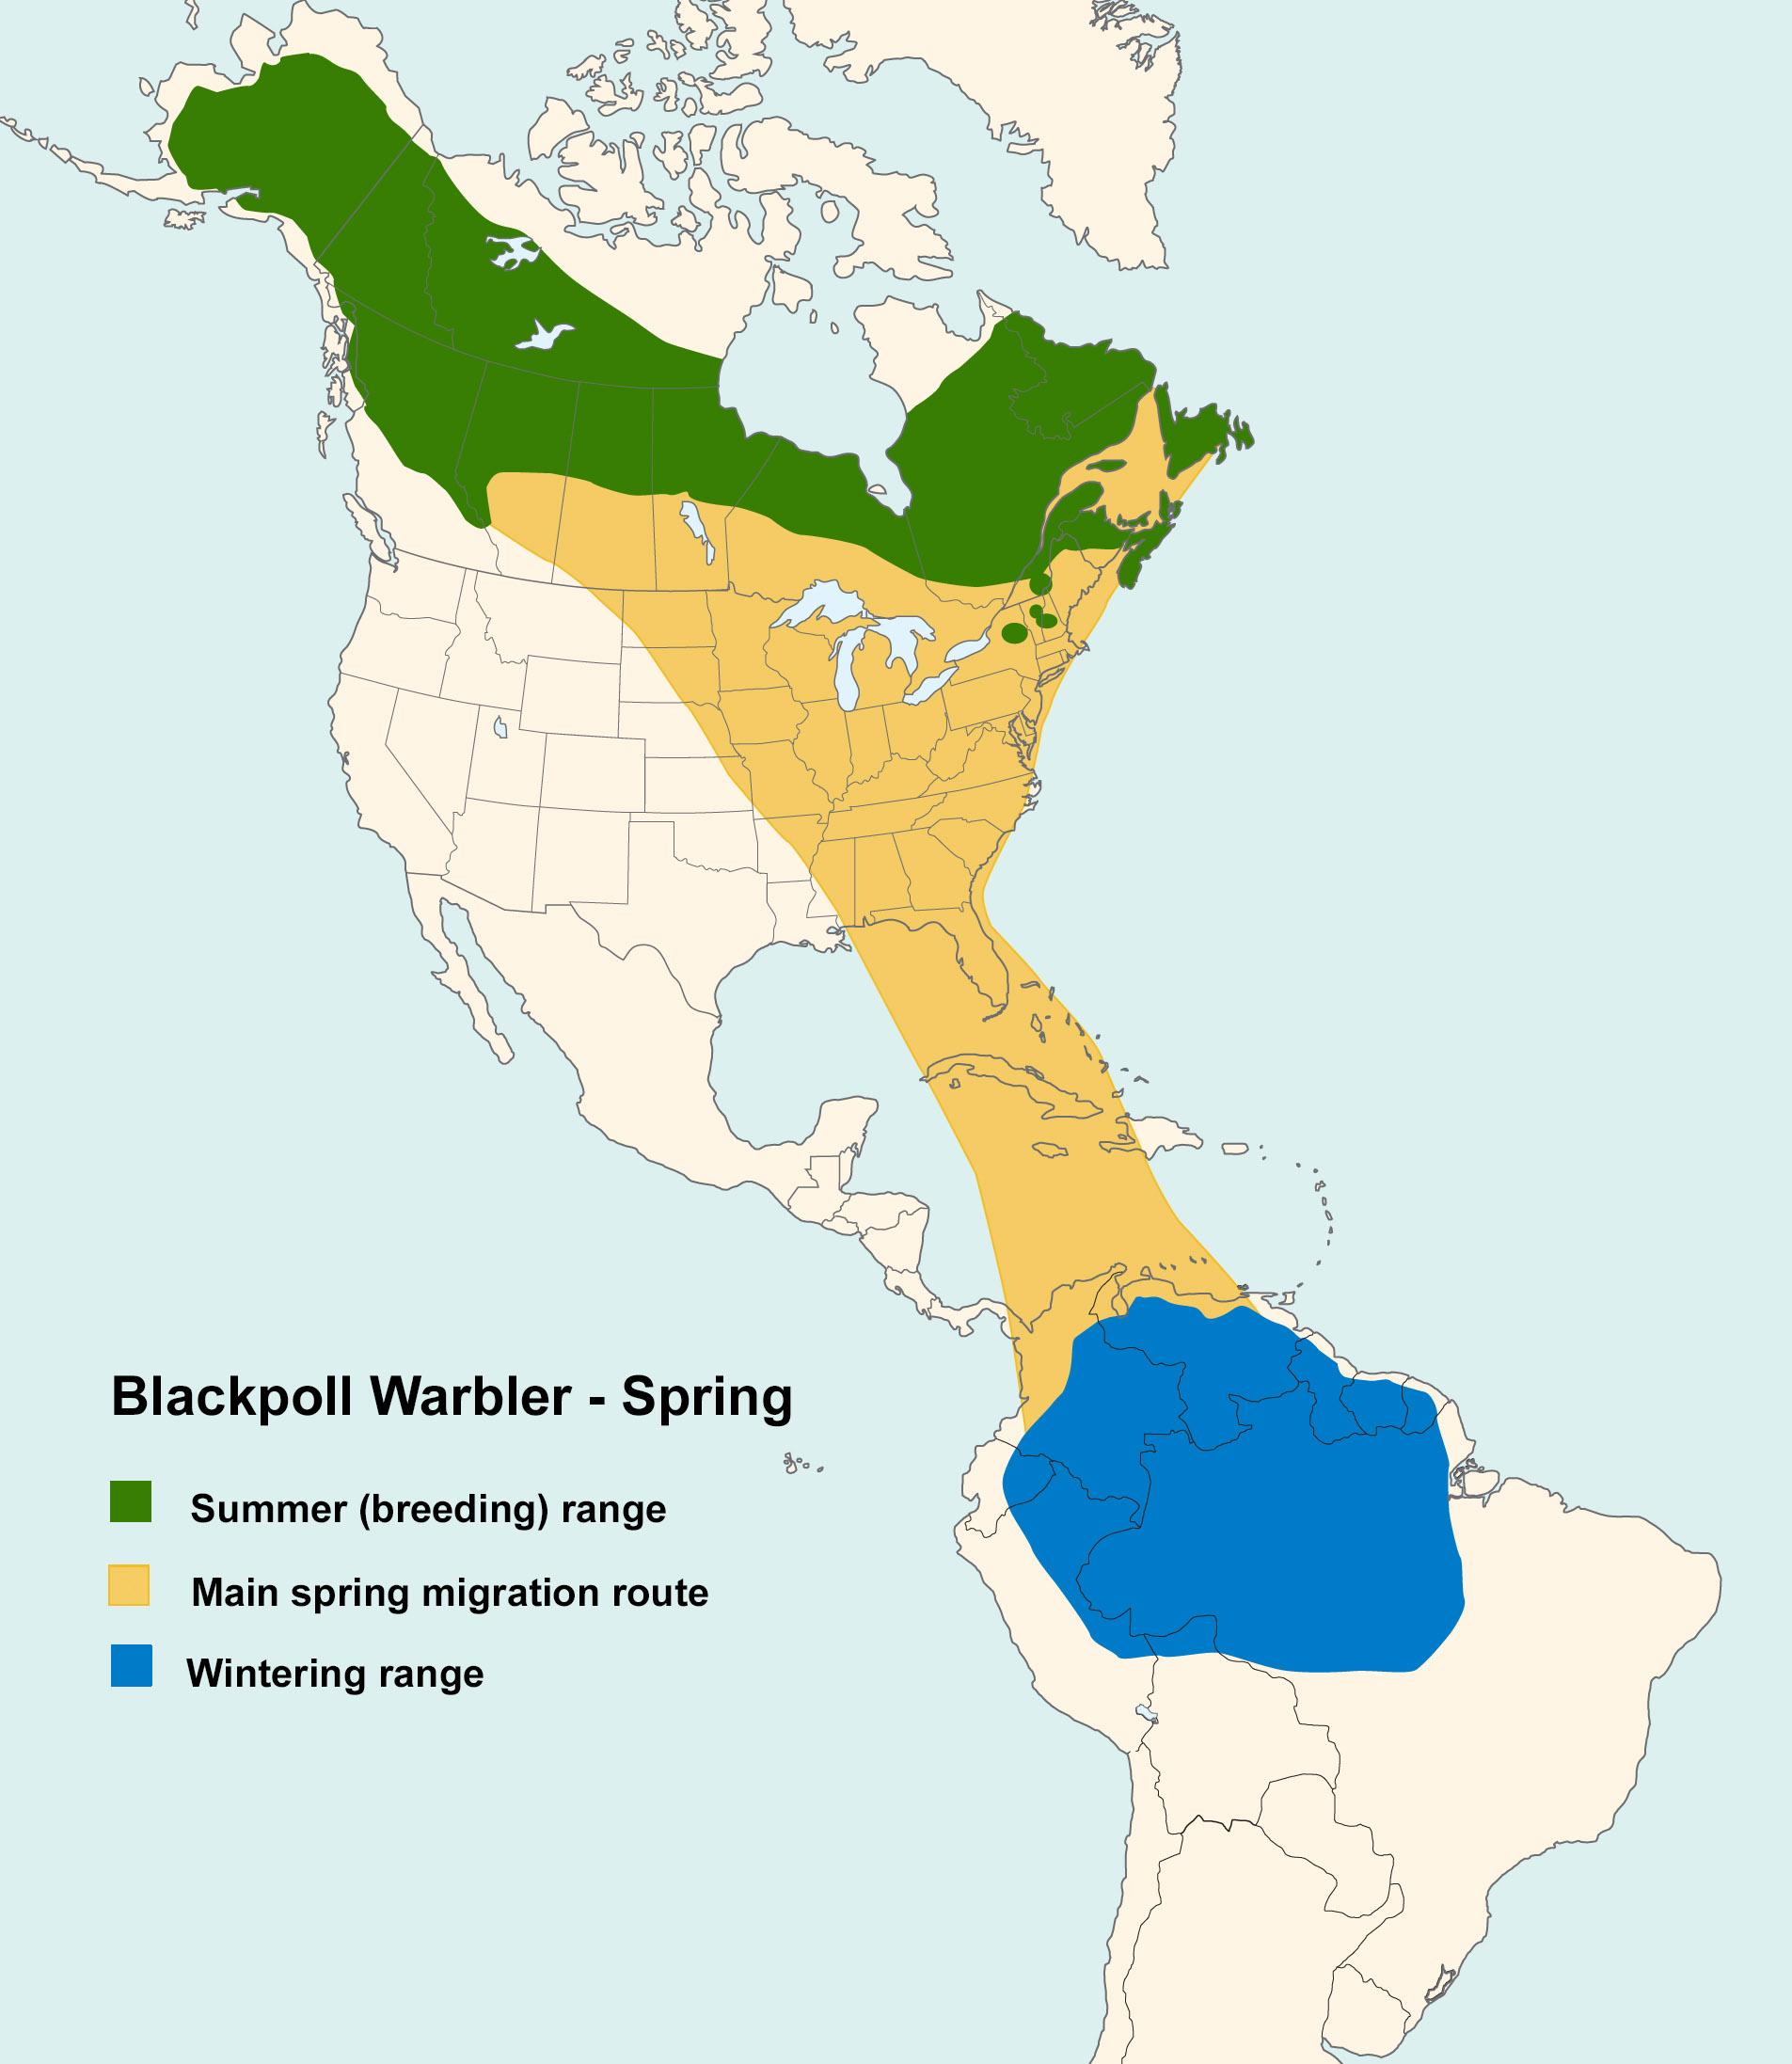 Mapa ilustrado que muestra los patrones de migración de la reinita negra en primavera.